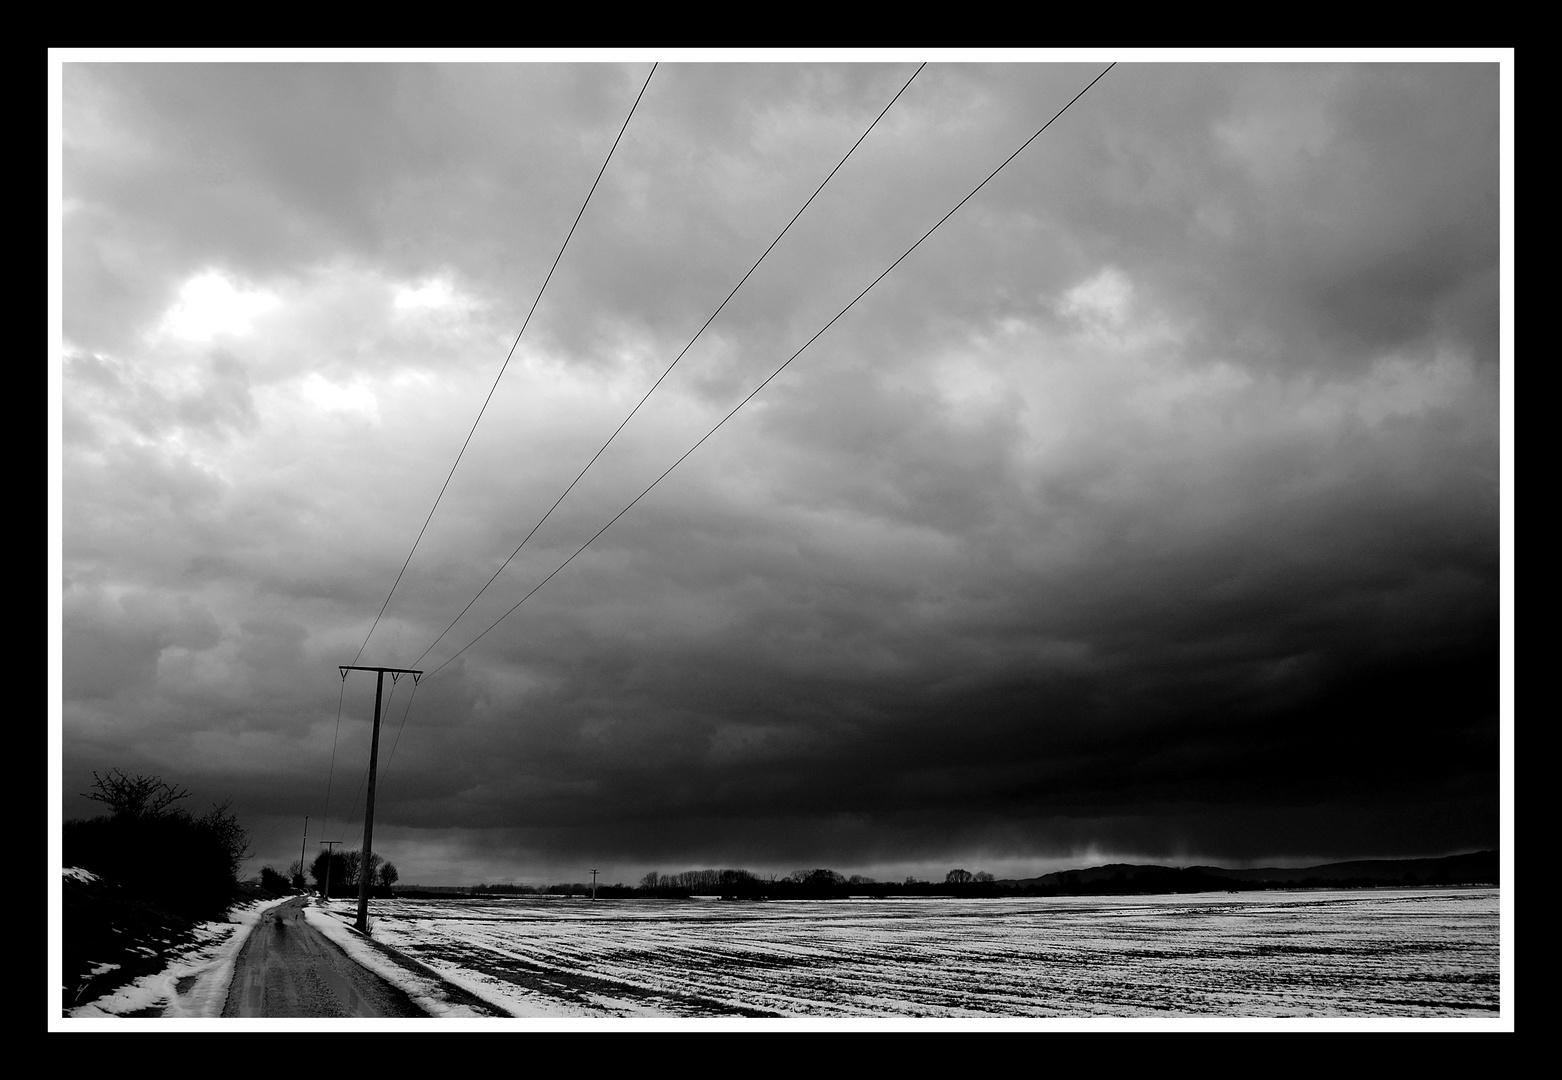 Ein Sturm zieht auf #2